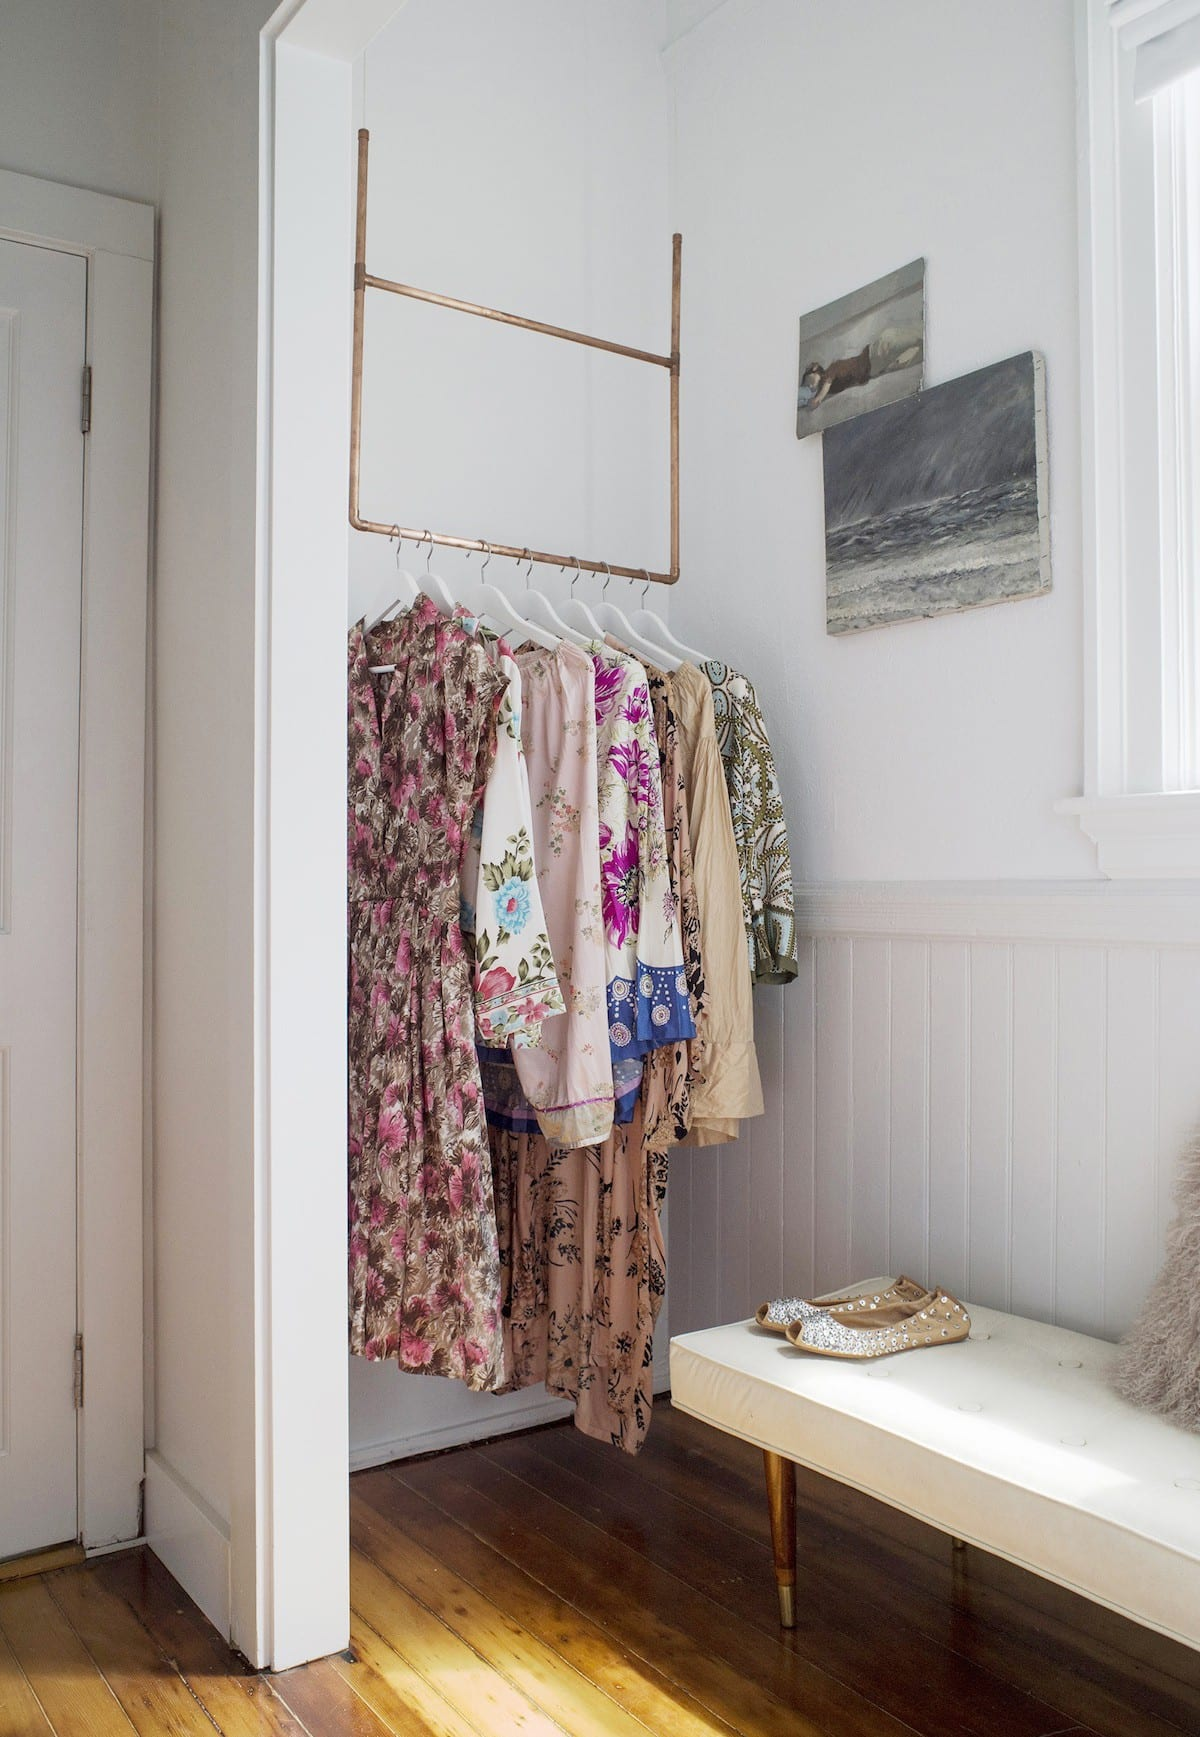 kluge einrichtungsideen für kleinen Eingangsbereich mit Parkett und DIY Kleiderstange aus Kupferrohren